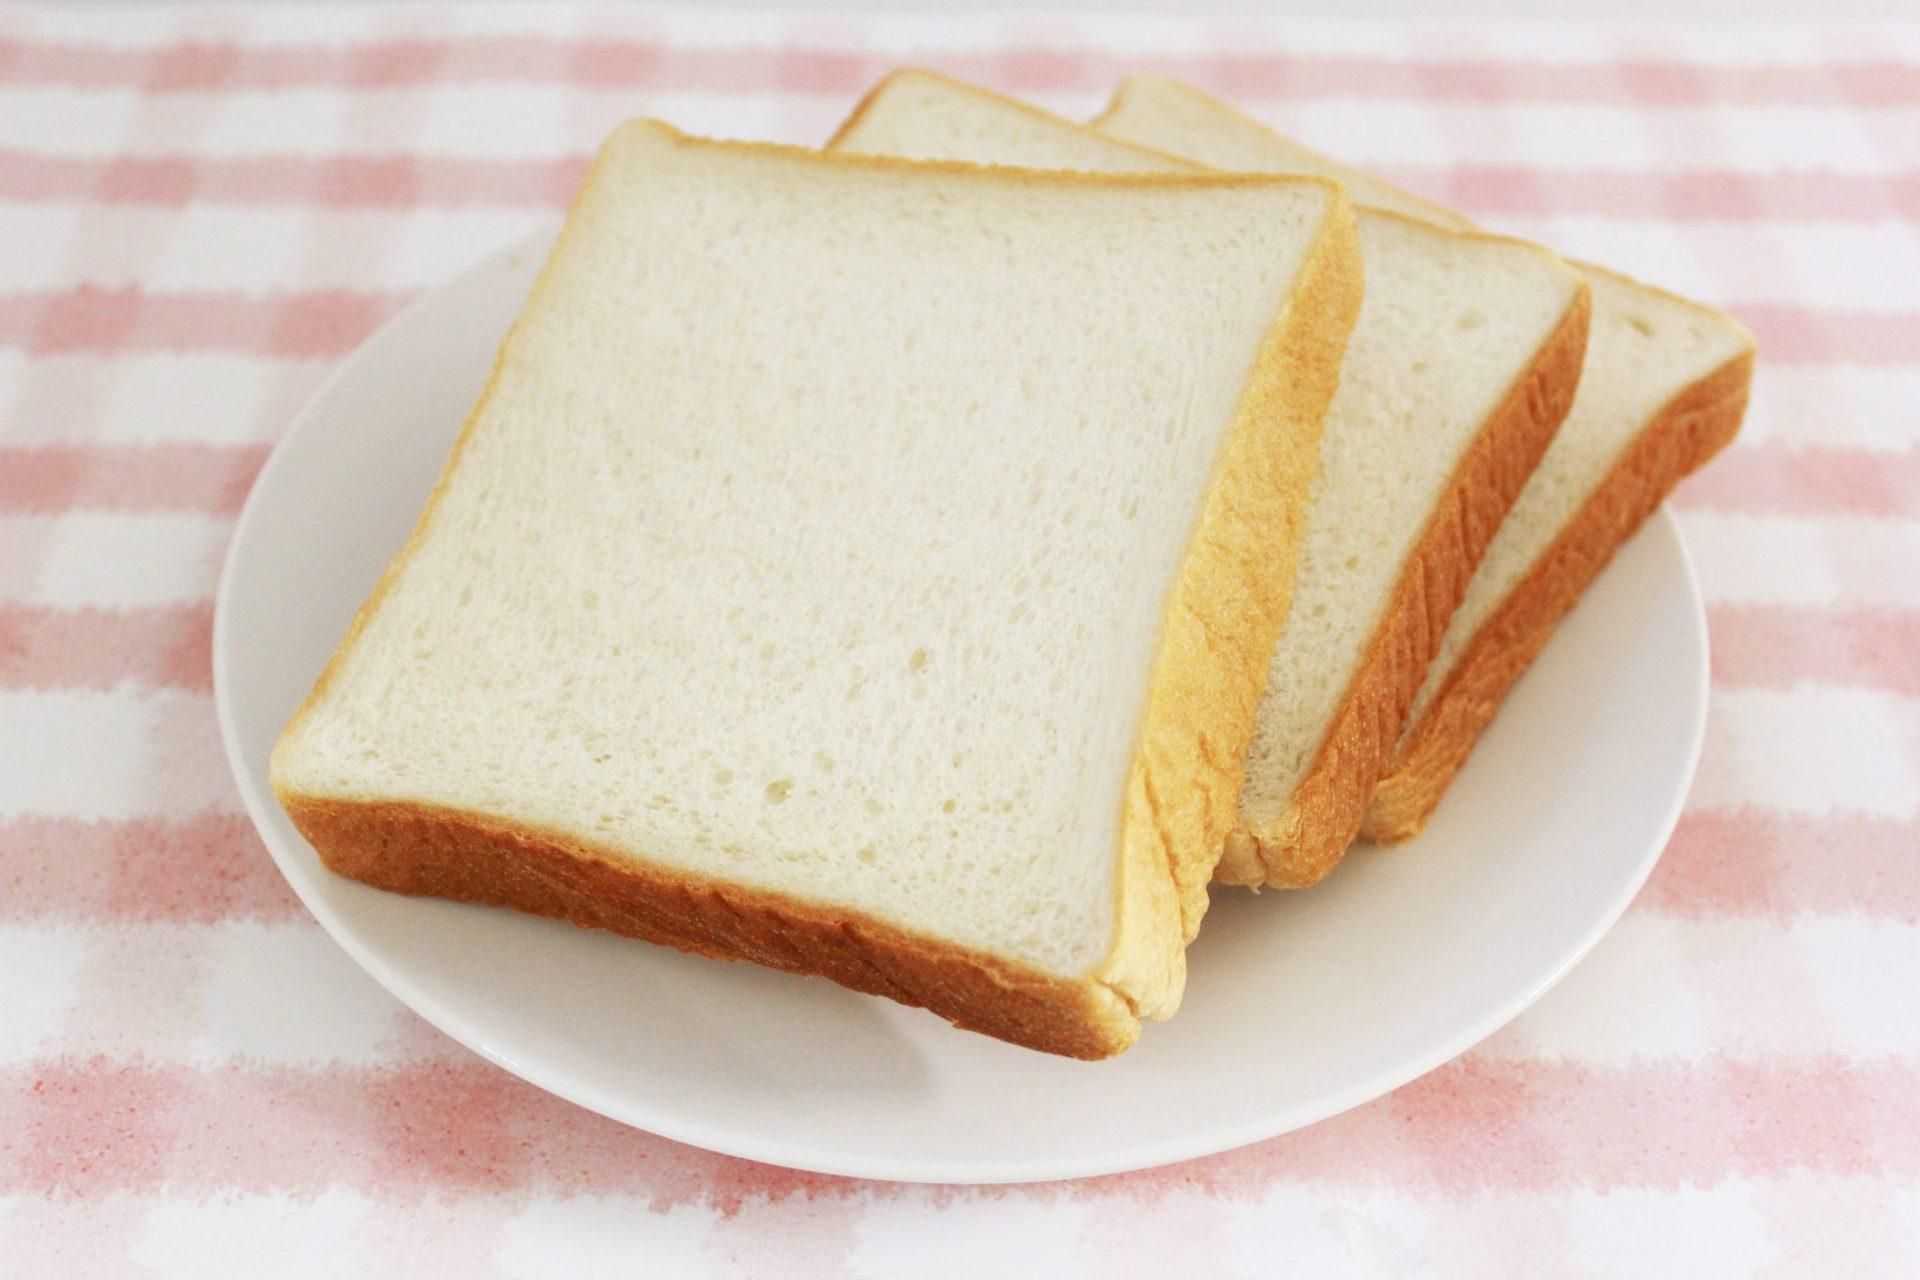 ごはんde食パン3枚